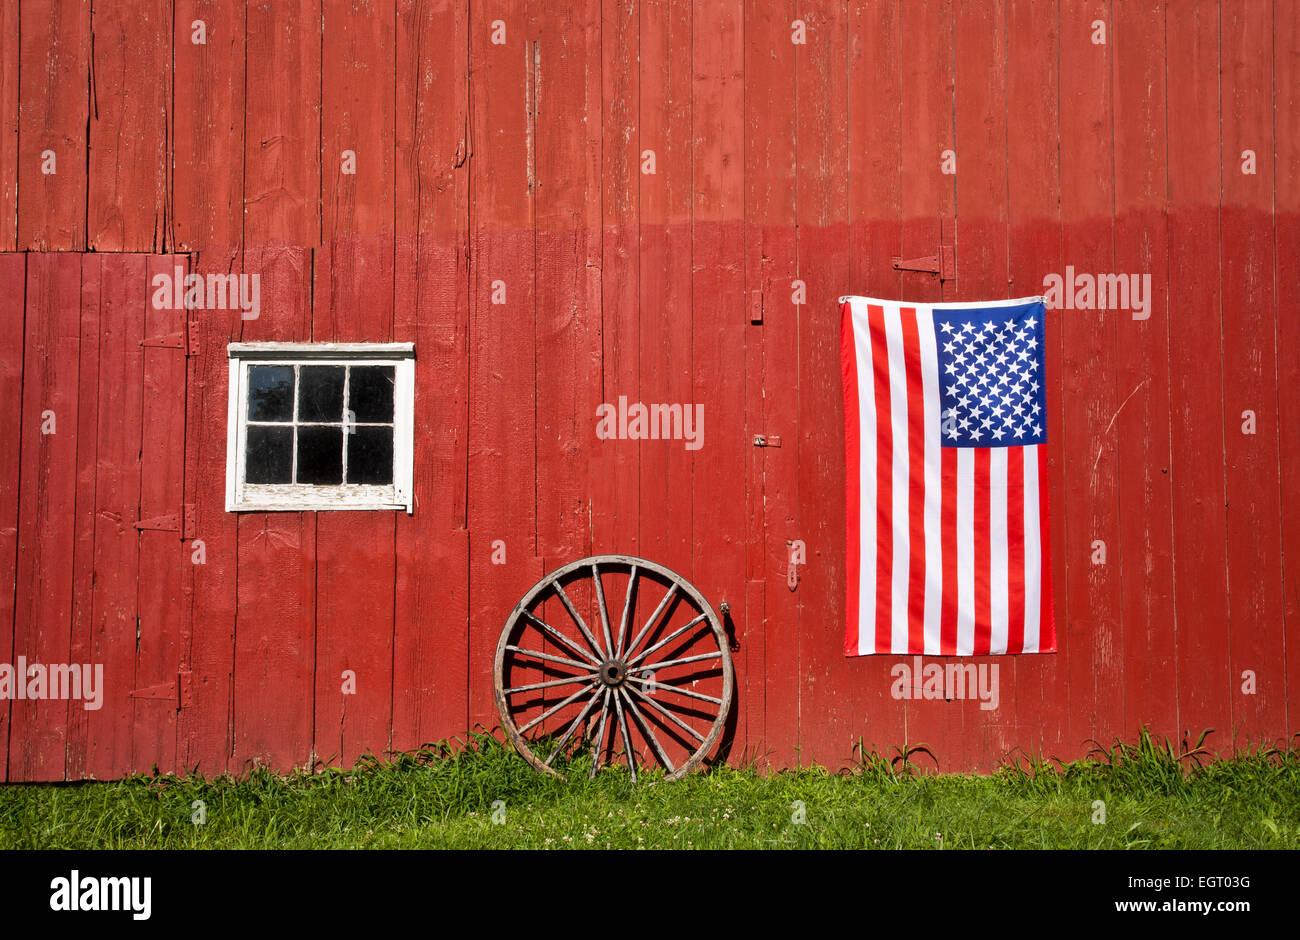 Histórico granero rojo, bandera estadounidense y un antiguo Wagon Wheel en una granja, Middlesex County, Monroe Imagen De Stock